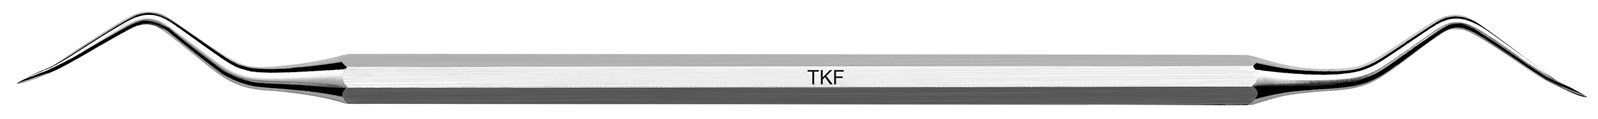 Nůž pro tunelovou techniku - TKF, ADEP červený